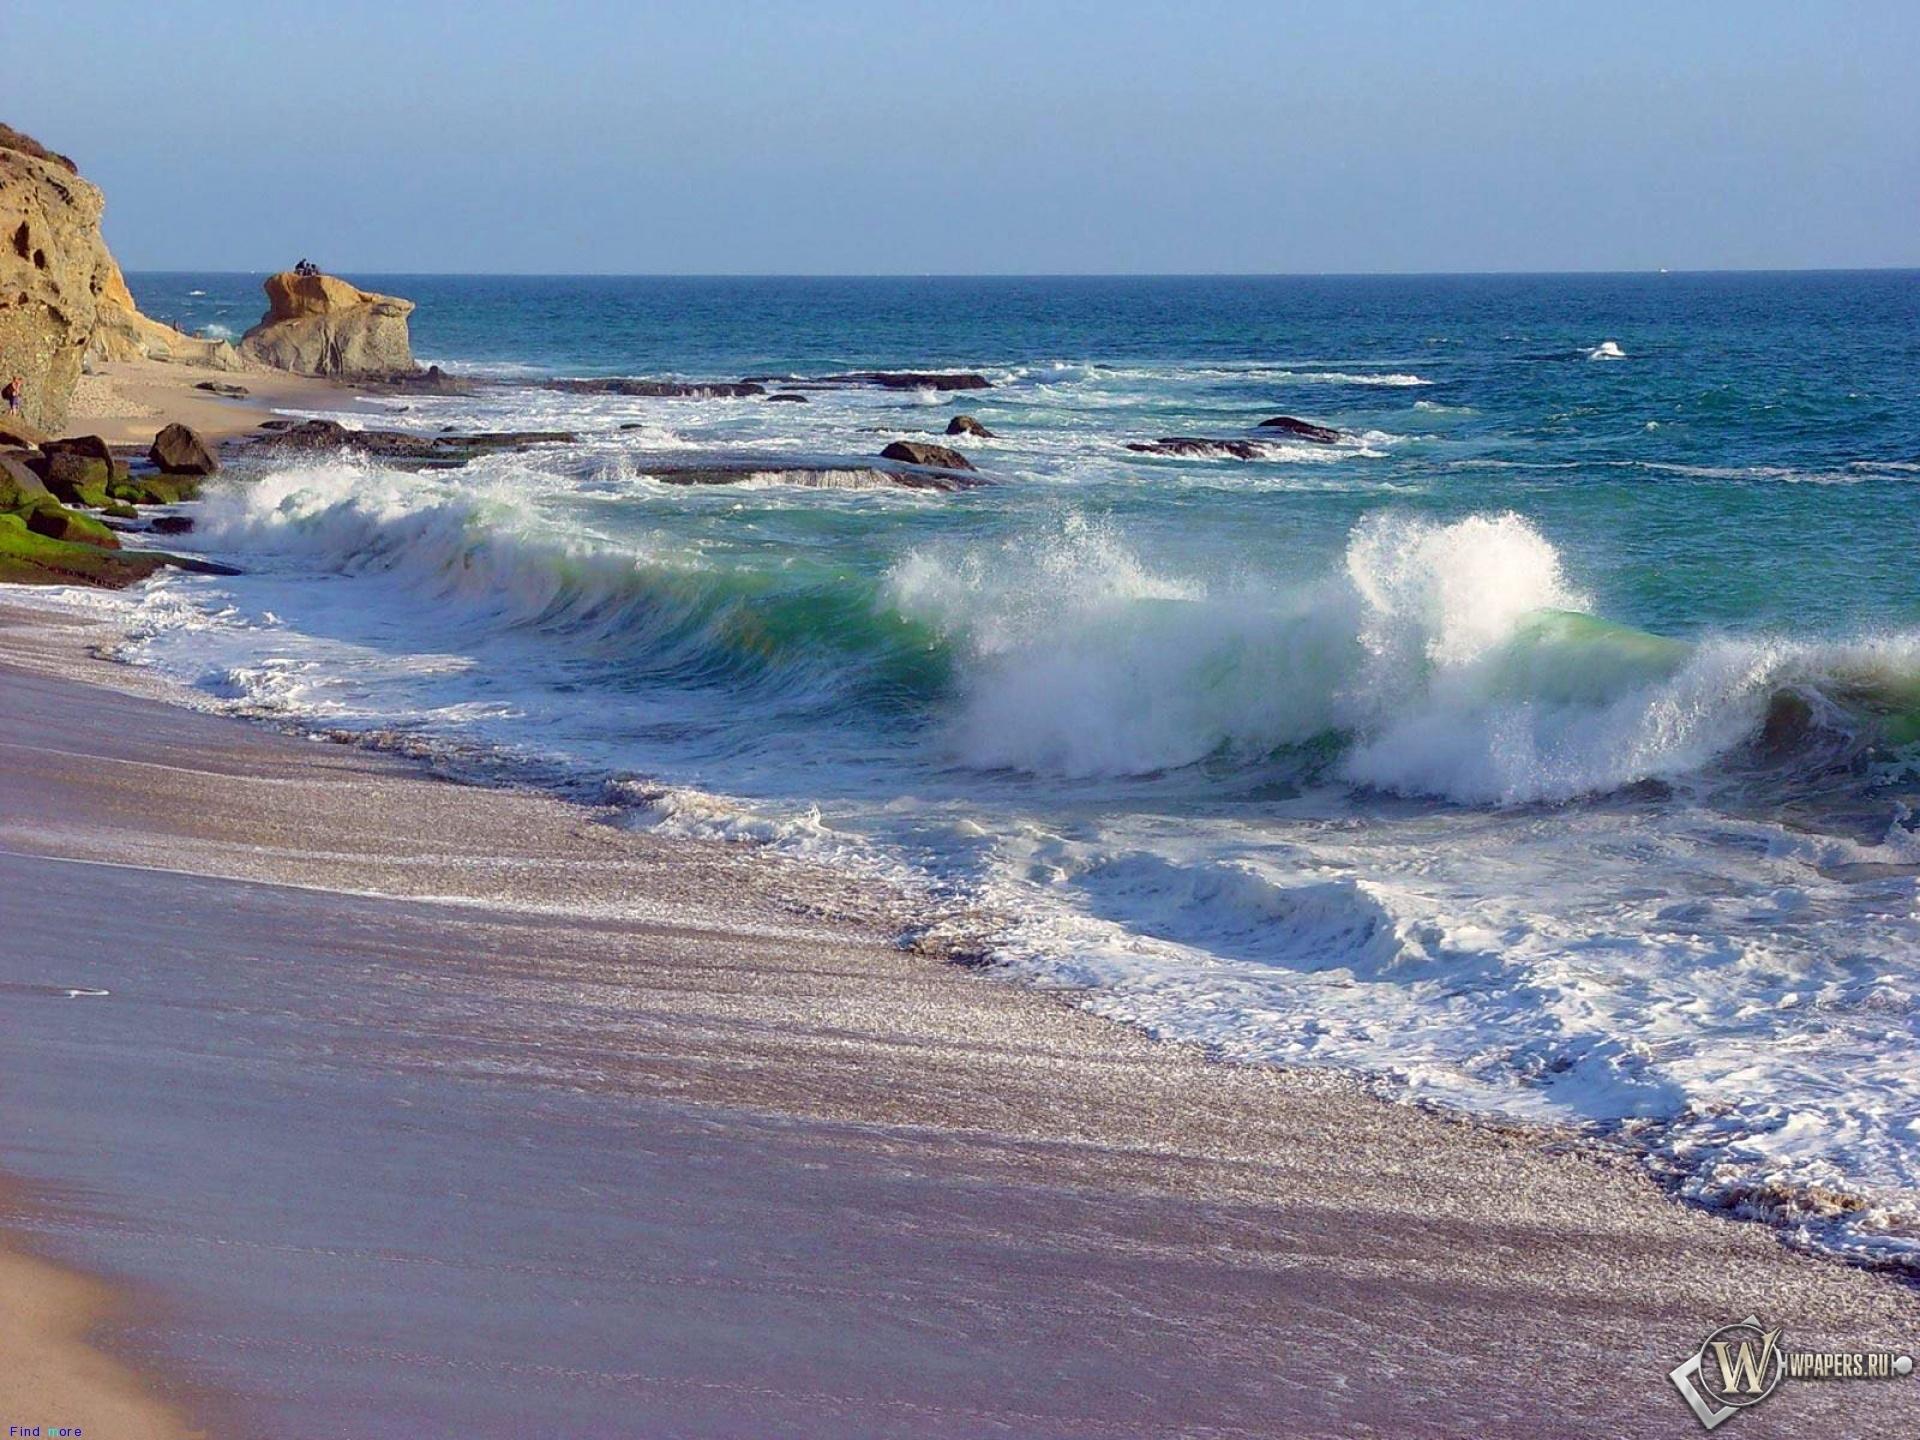 Морская волна 1920x1440